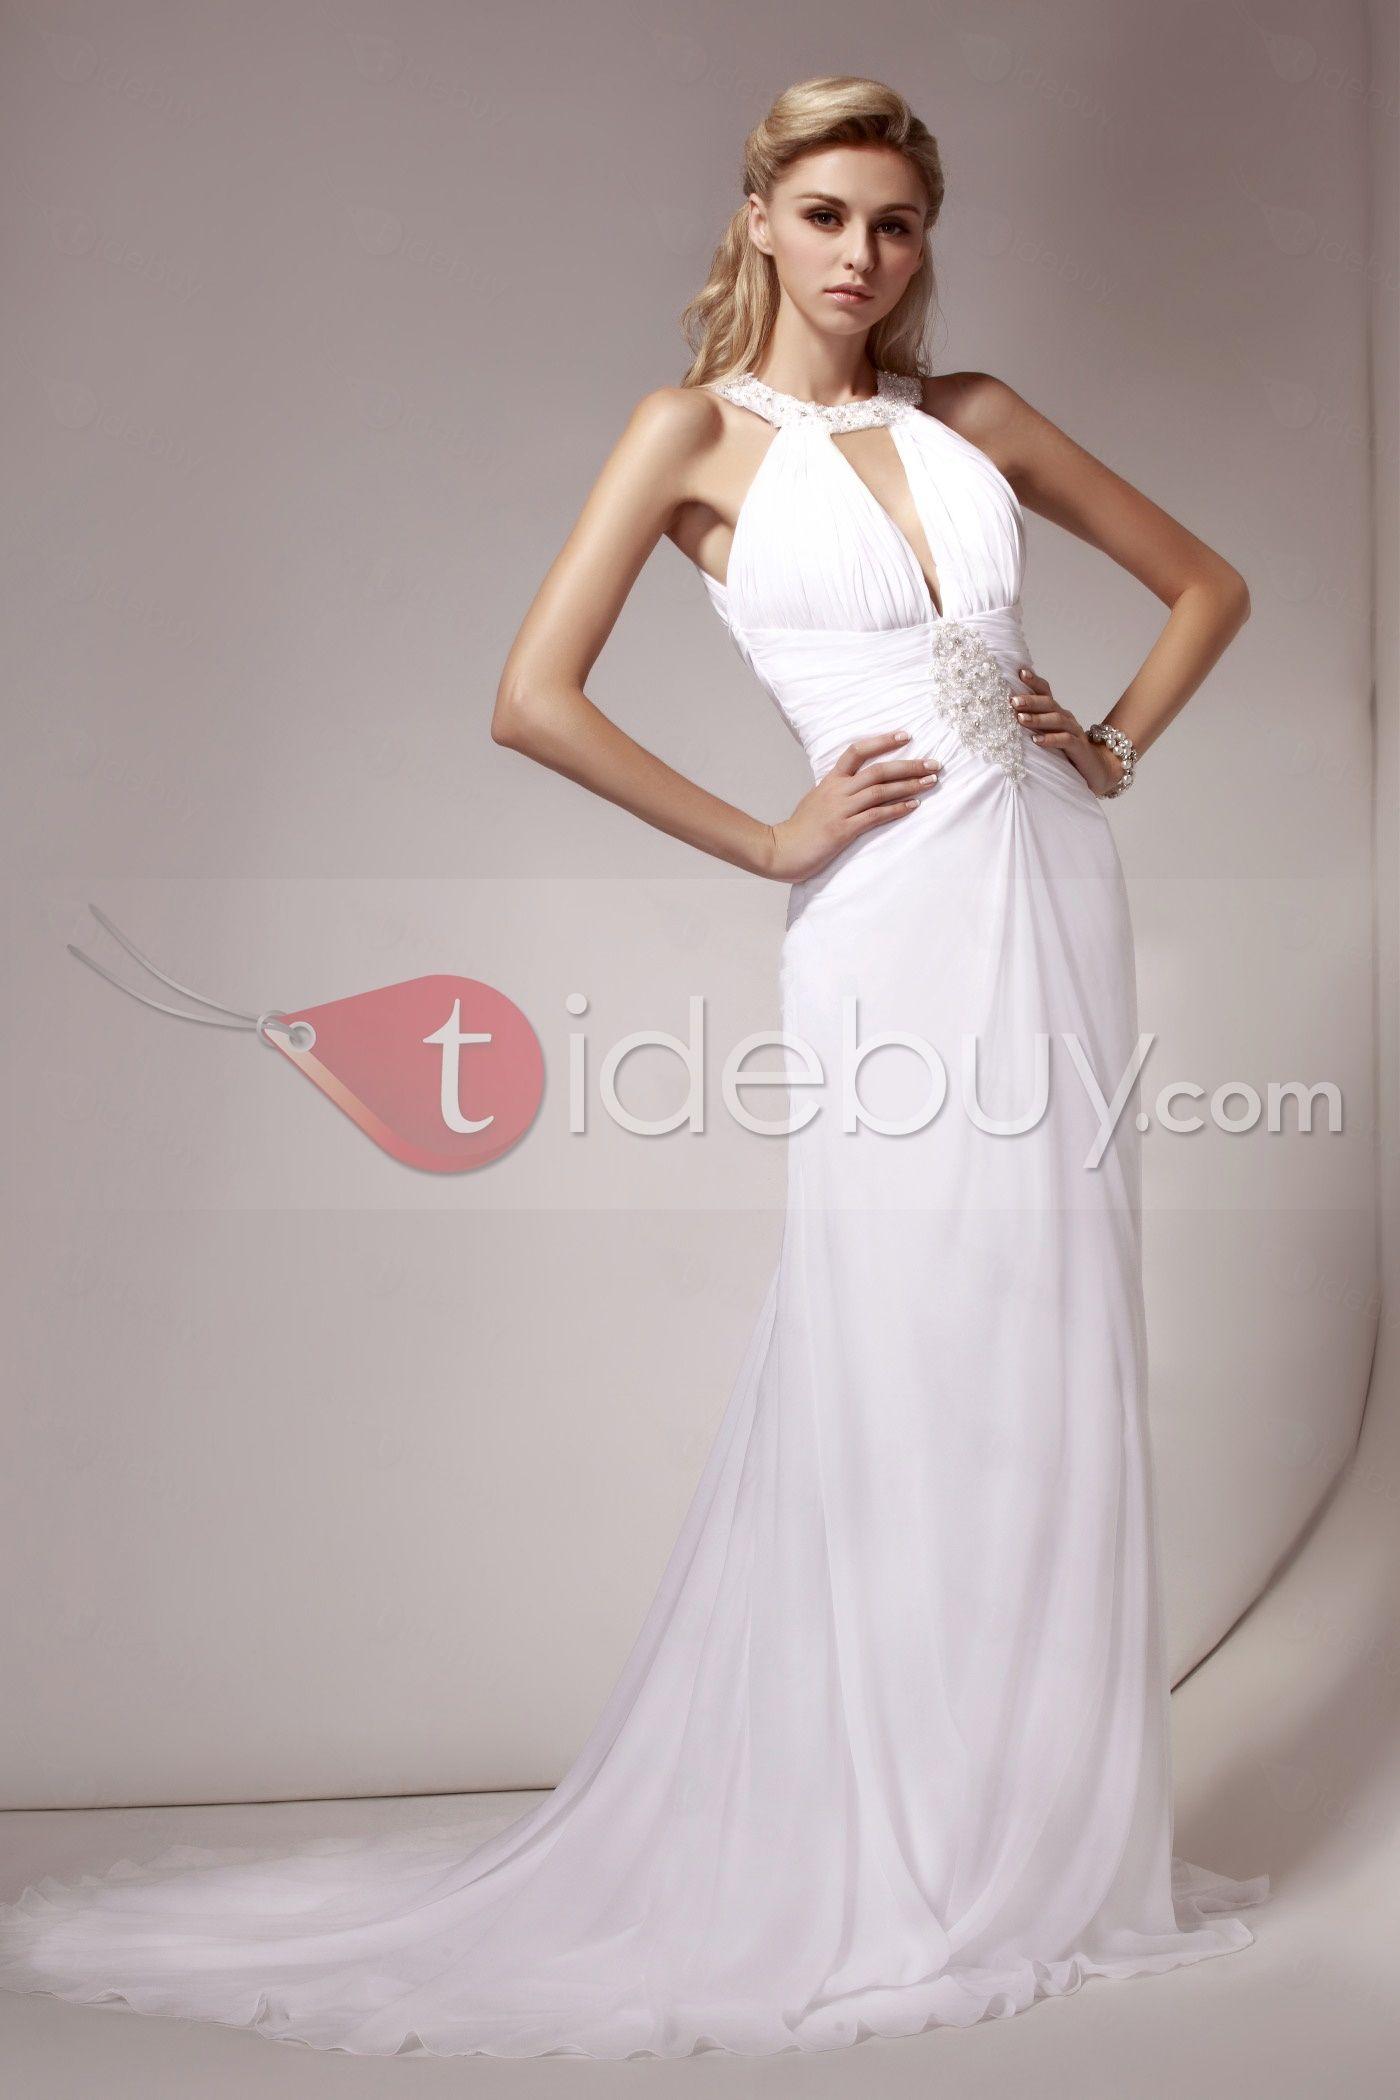 シース/クラムホルターチャペルトレインビーズウェディングドレス